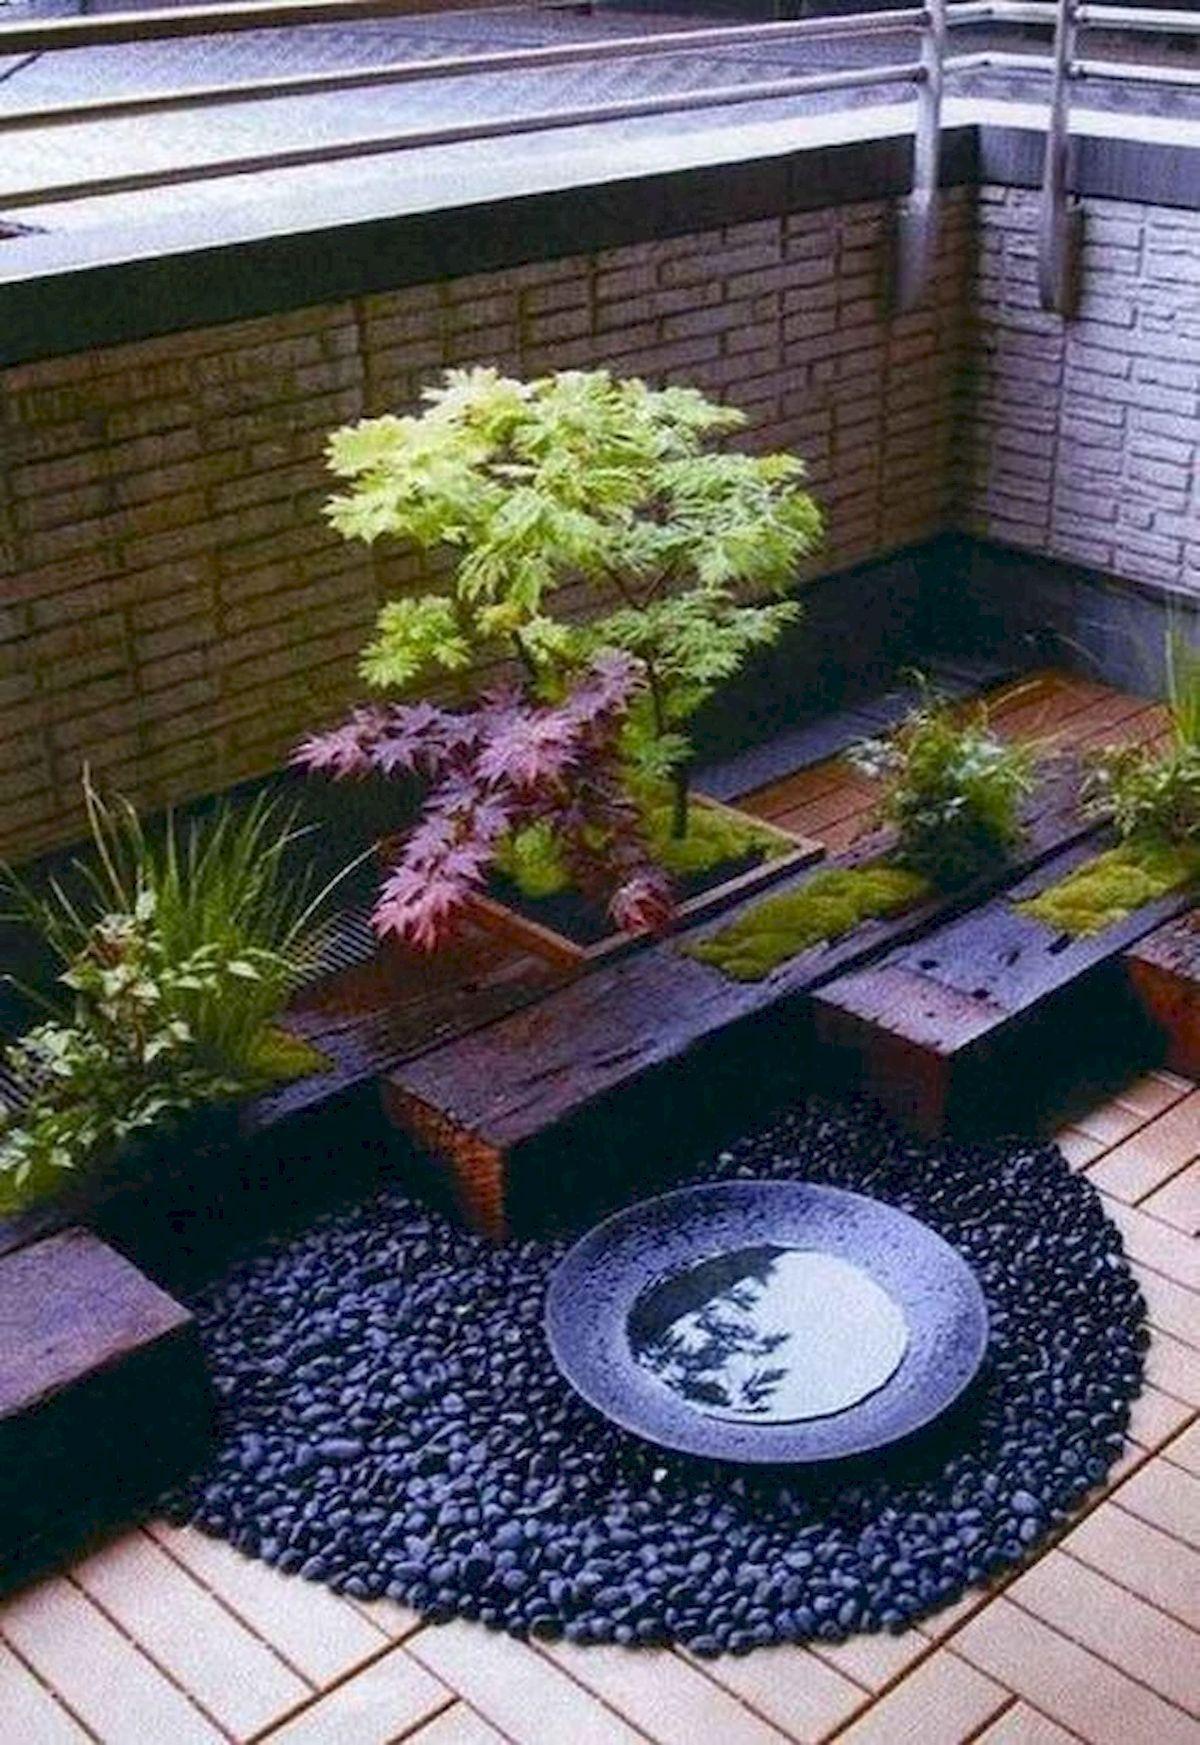 Photo of Japanesegarden #japanesegardendesign Japanesegarden #Japanese Garden #Japanese G…